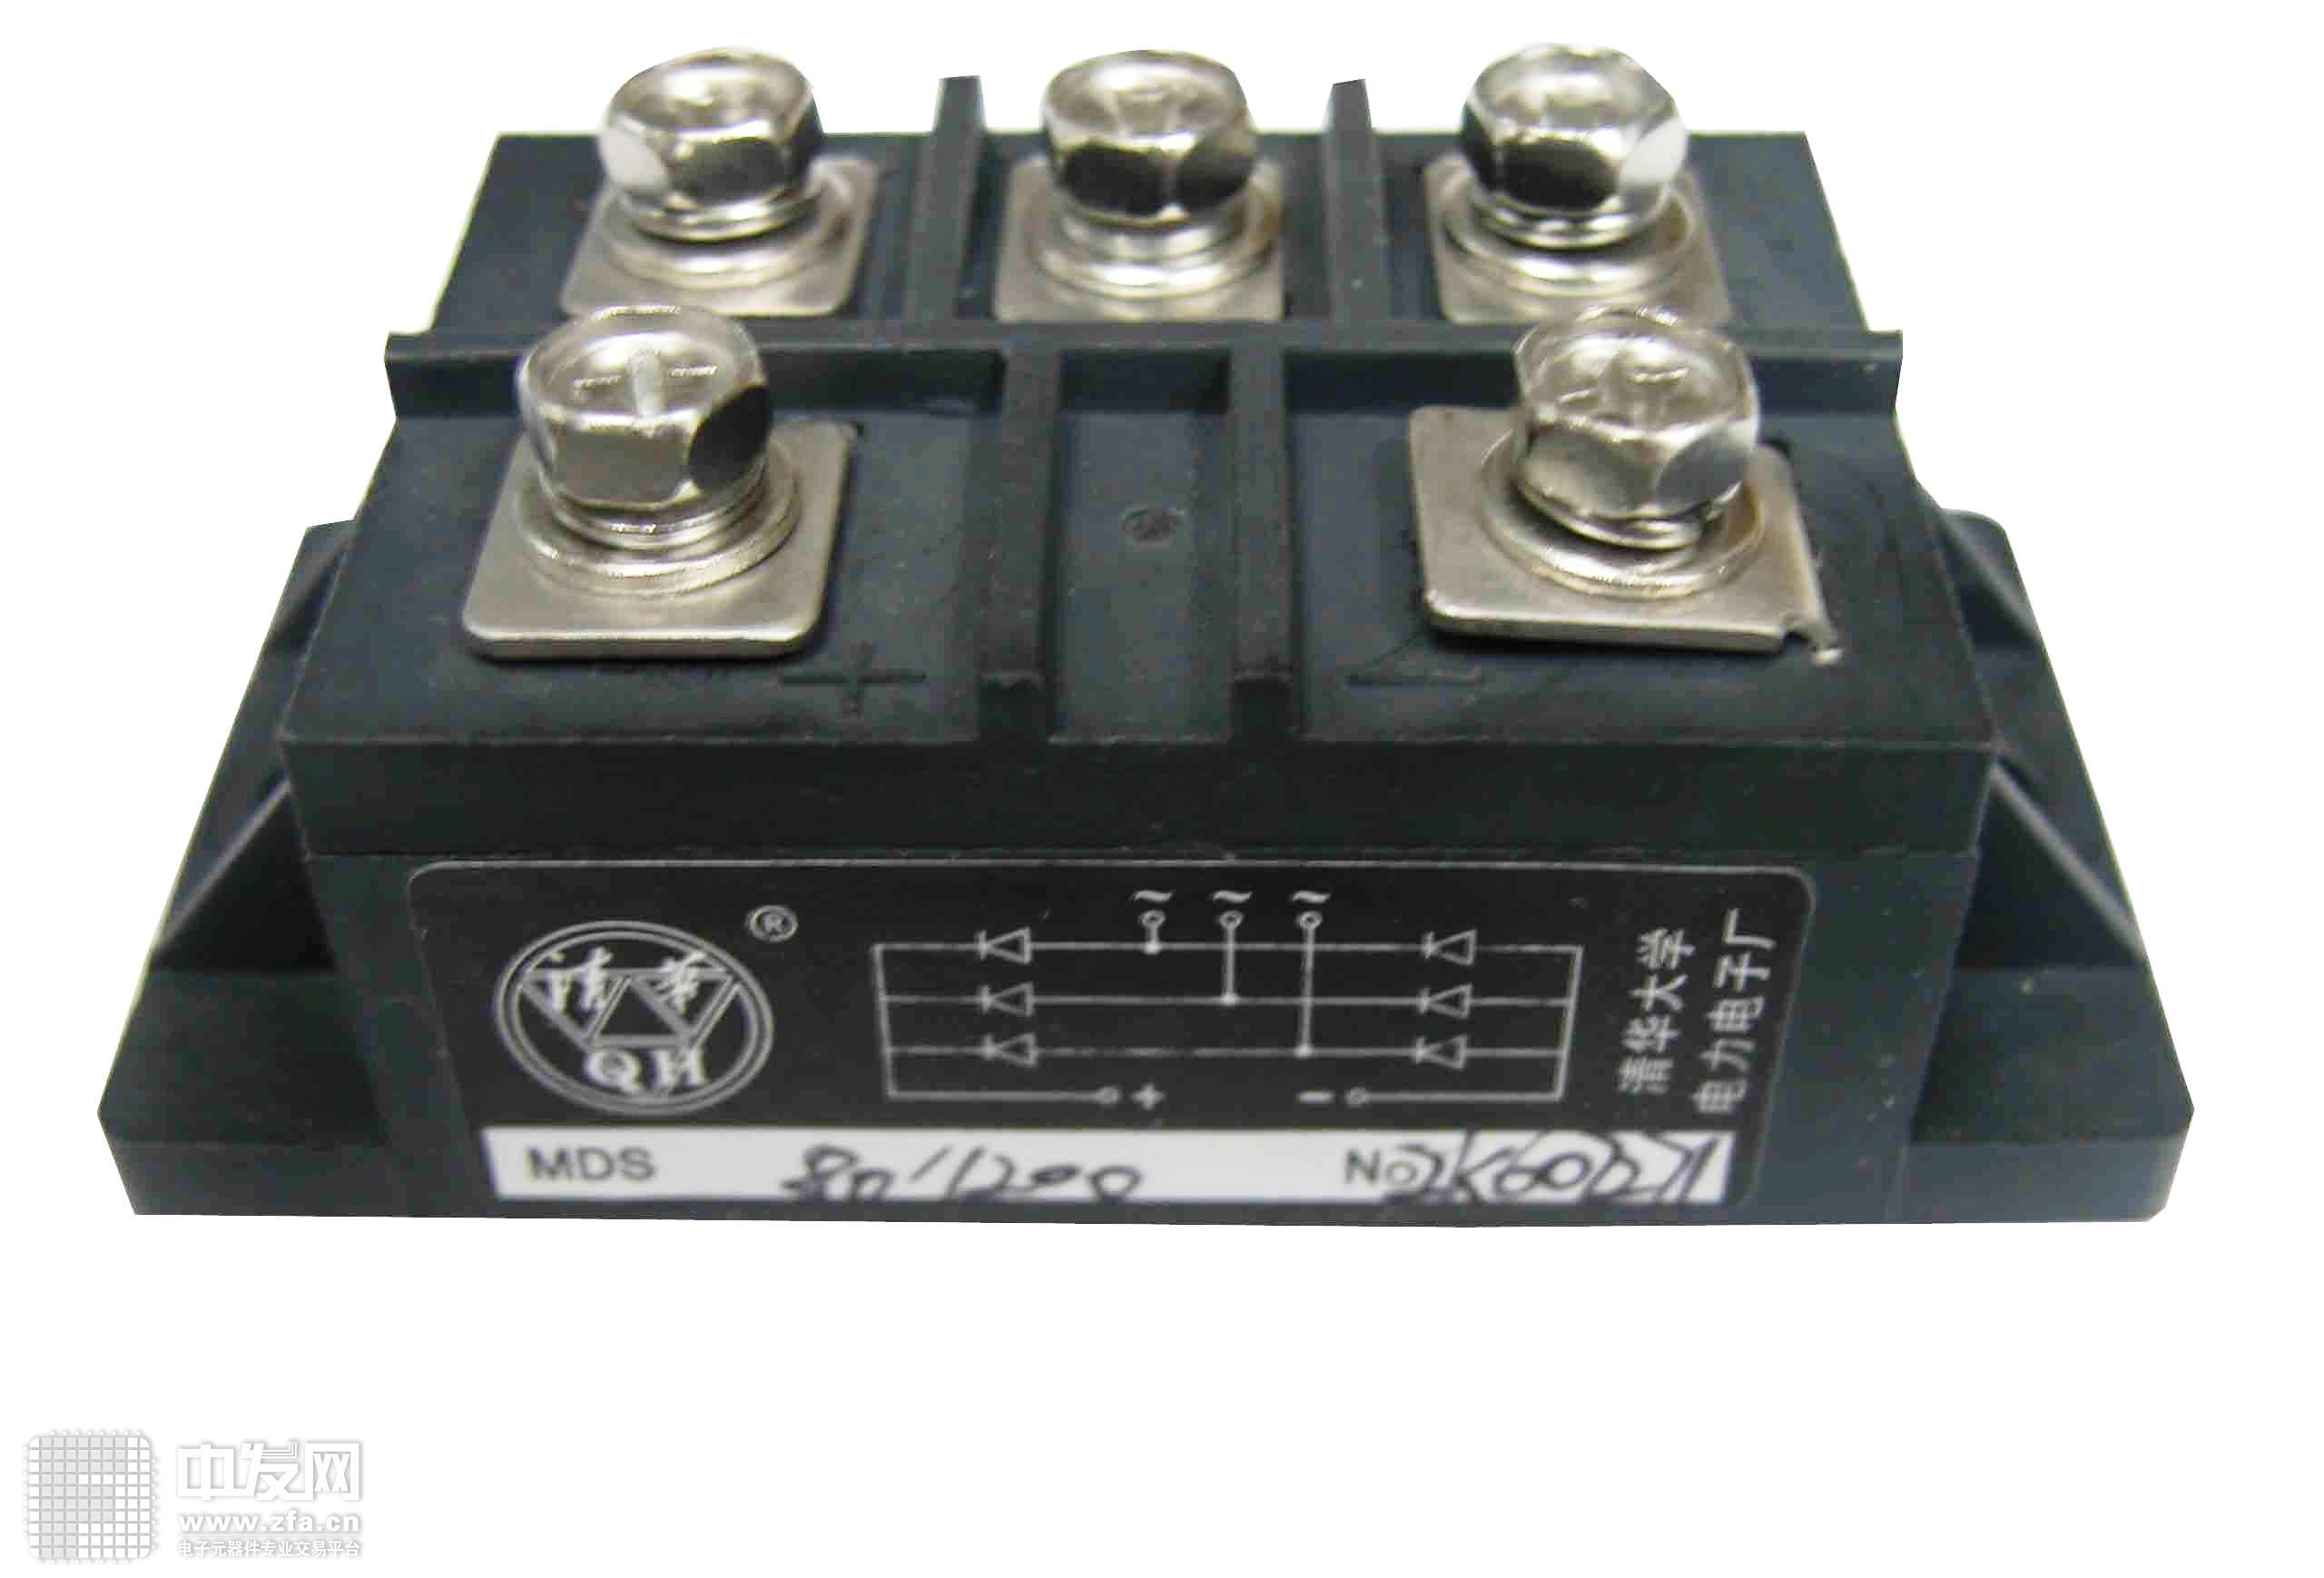 三相整流桥模块 MDS80A1200V 国产